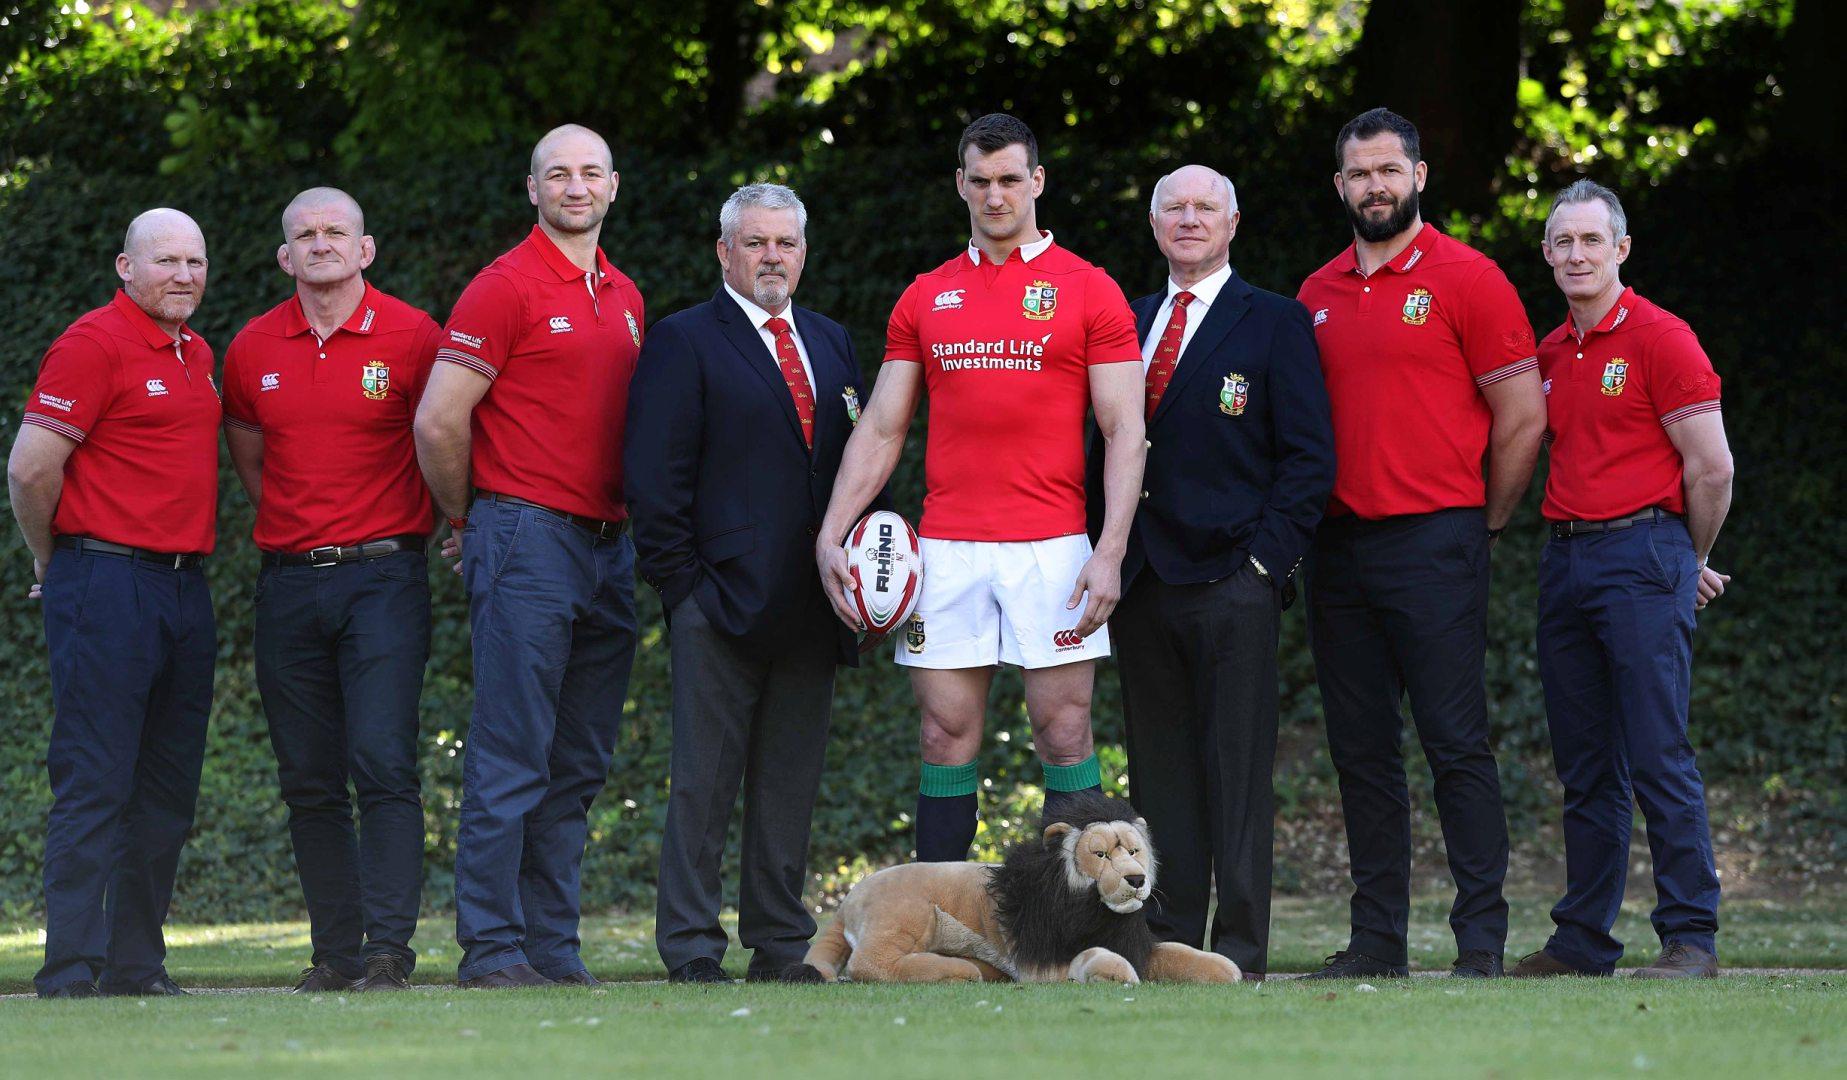 Gatland unveils his 2017 Lions squad